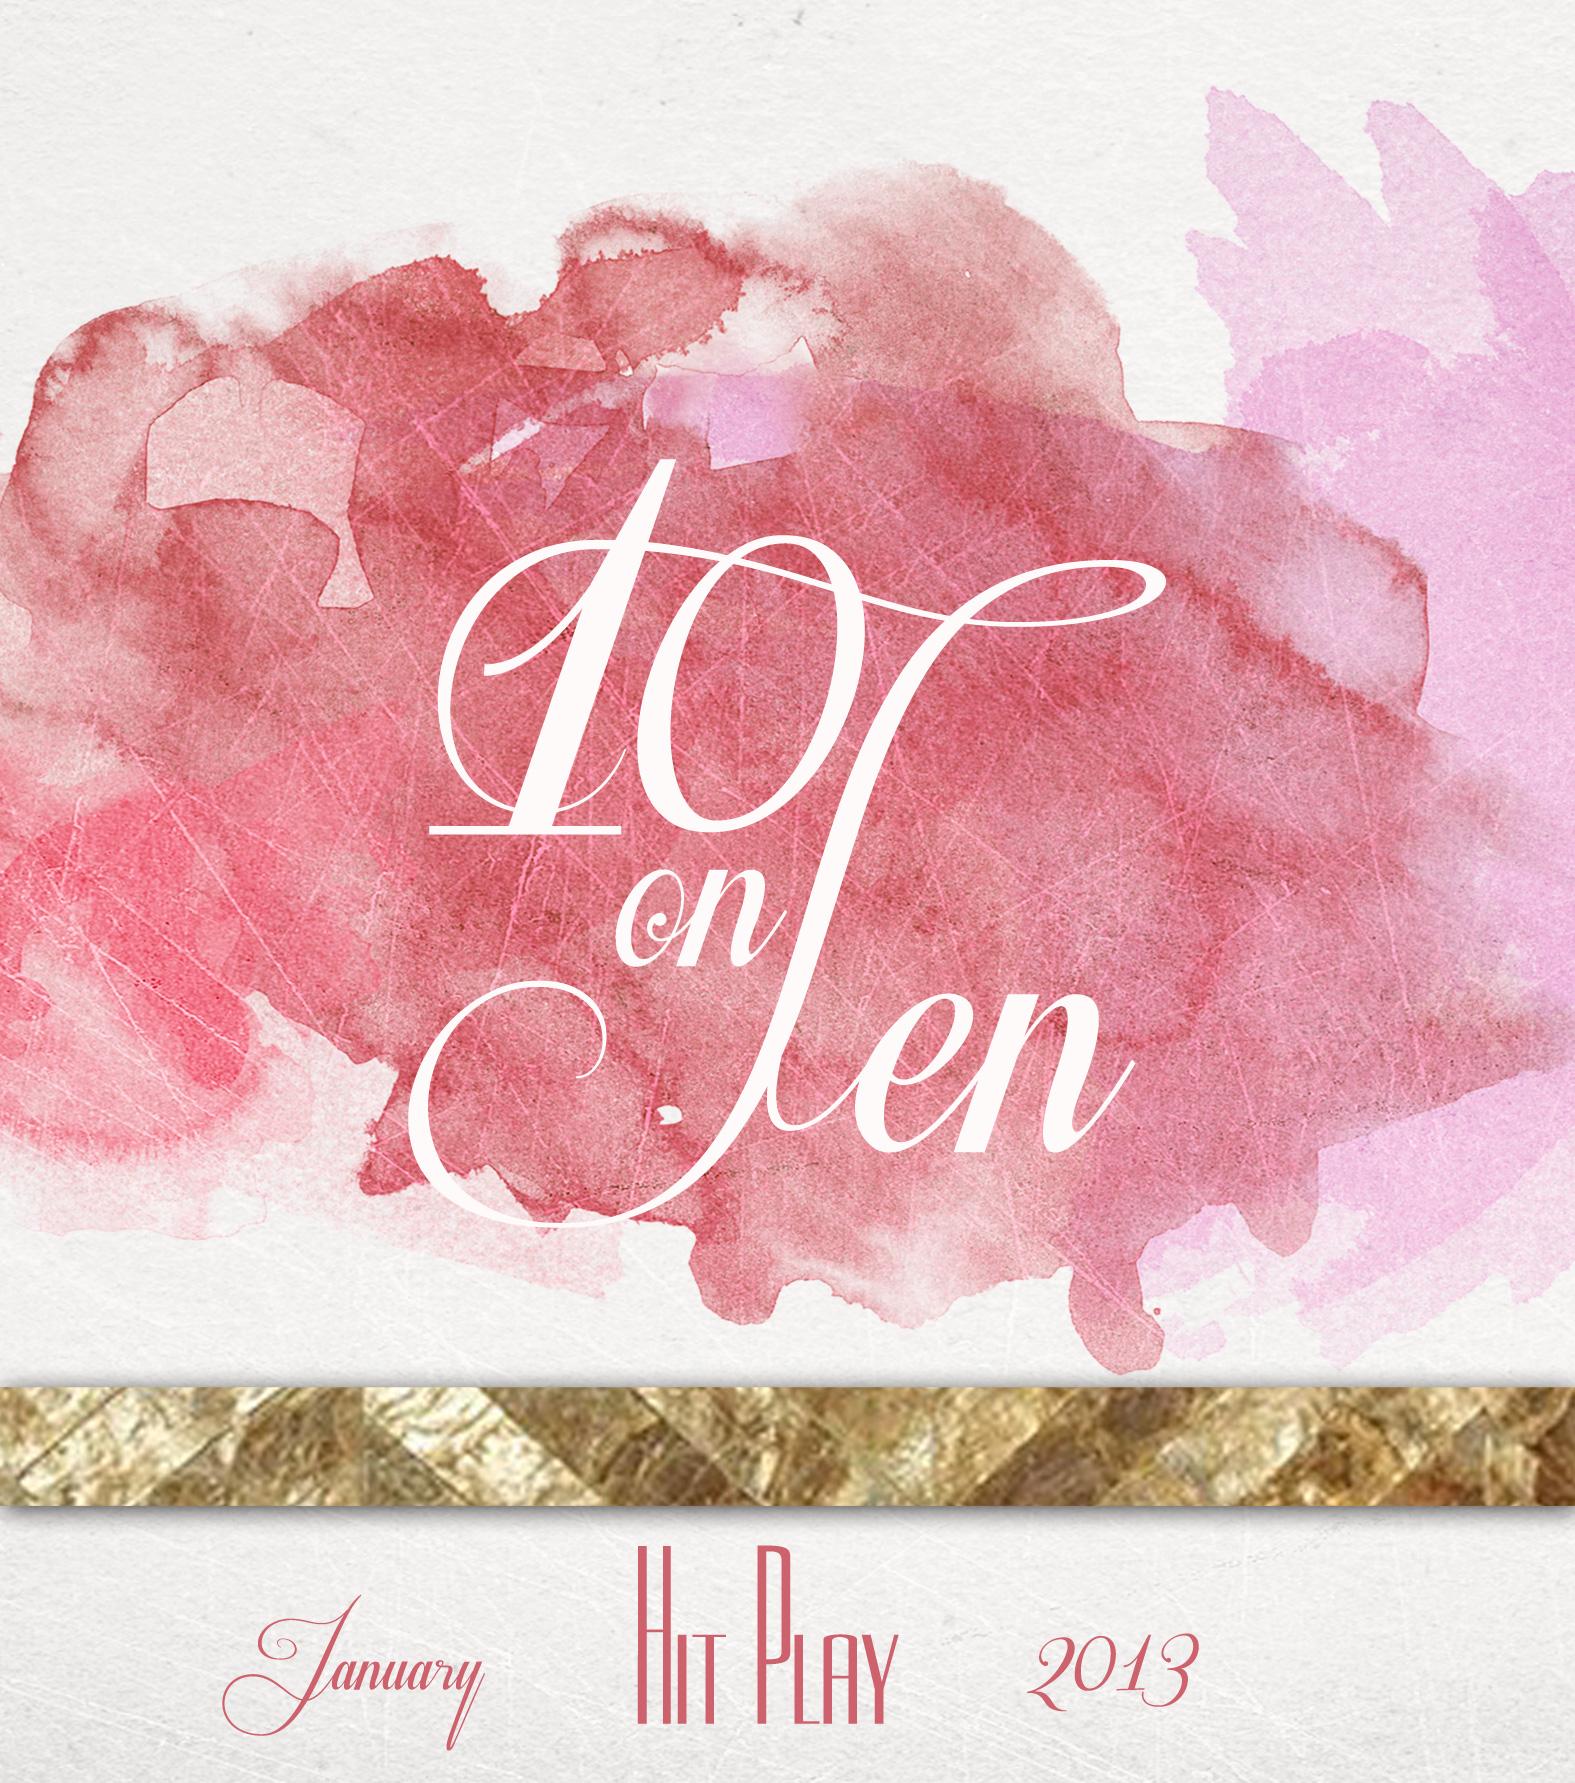 Hit Play! January's 10 on Ten